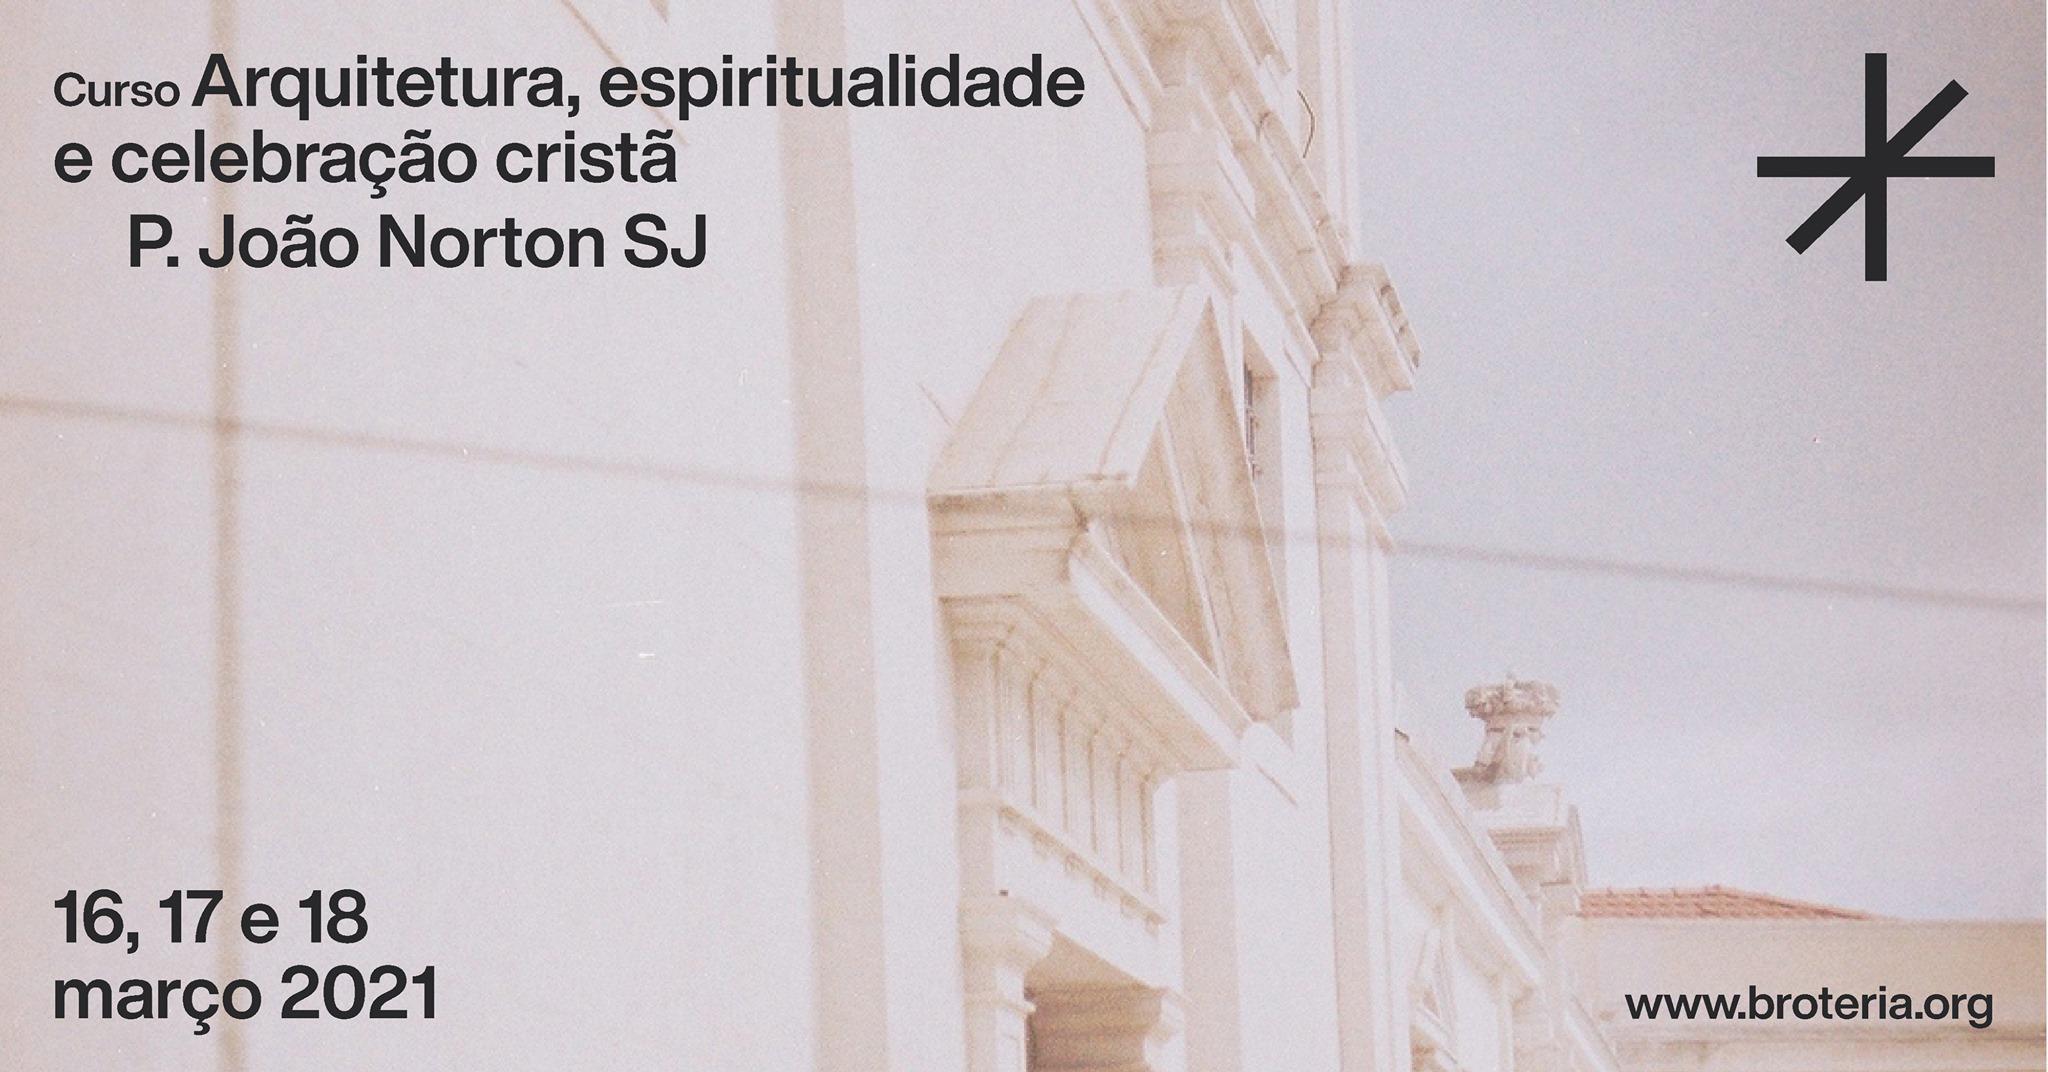 Curso| Arquitetura, espiritualidade e celebração cristã